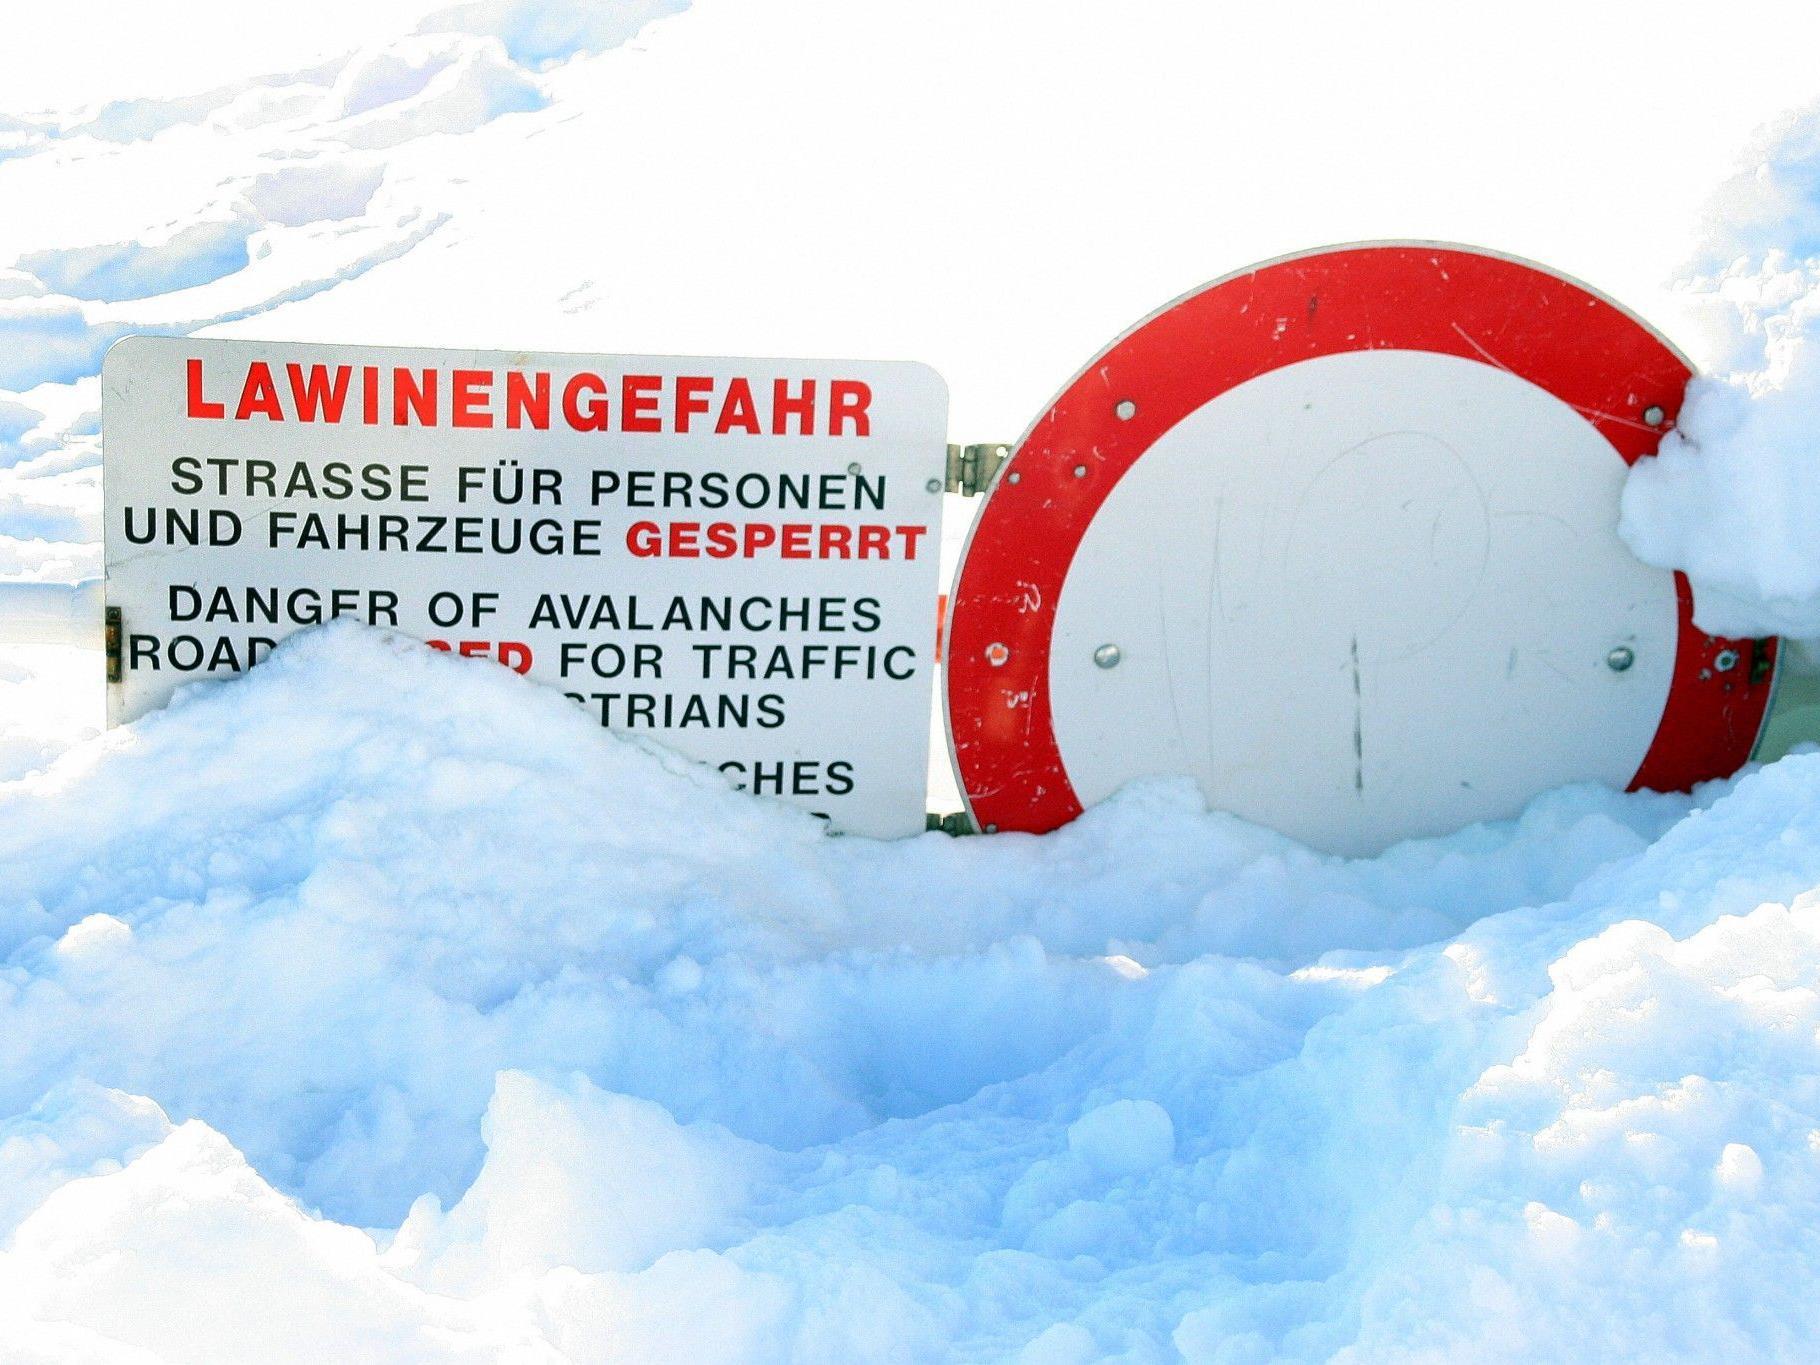 Am Arlberg herrscht derzeit erhebliche Lawinengefahr